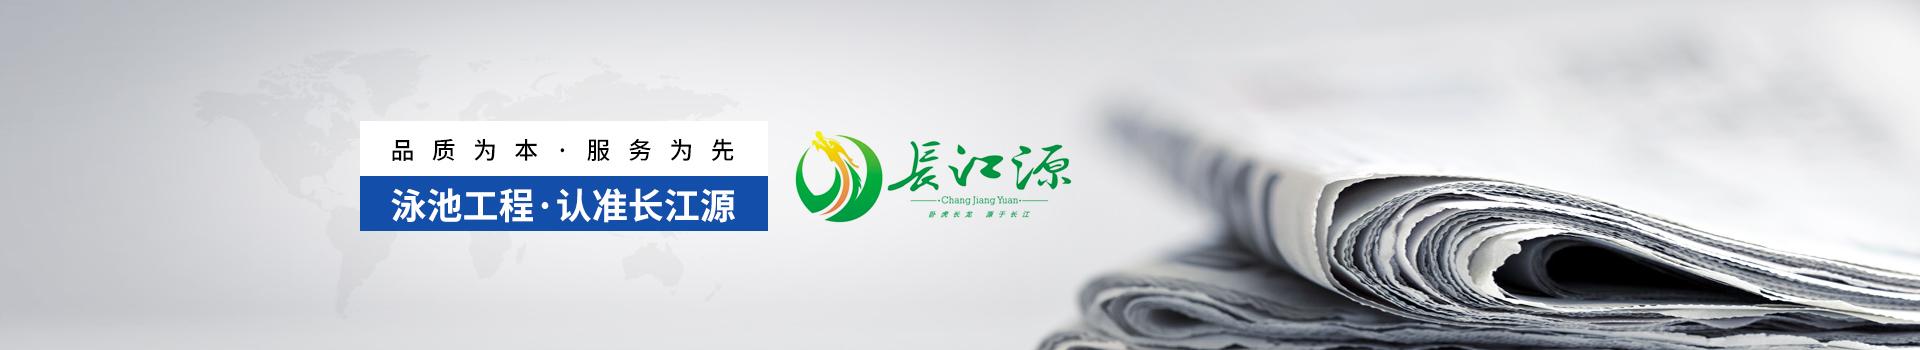 南宁长江源-泳池工程,认准长江源